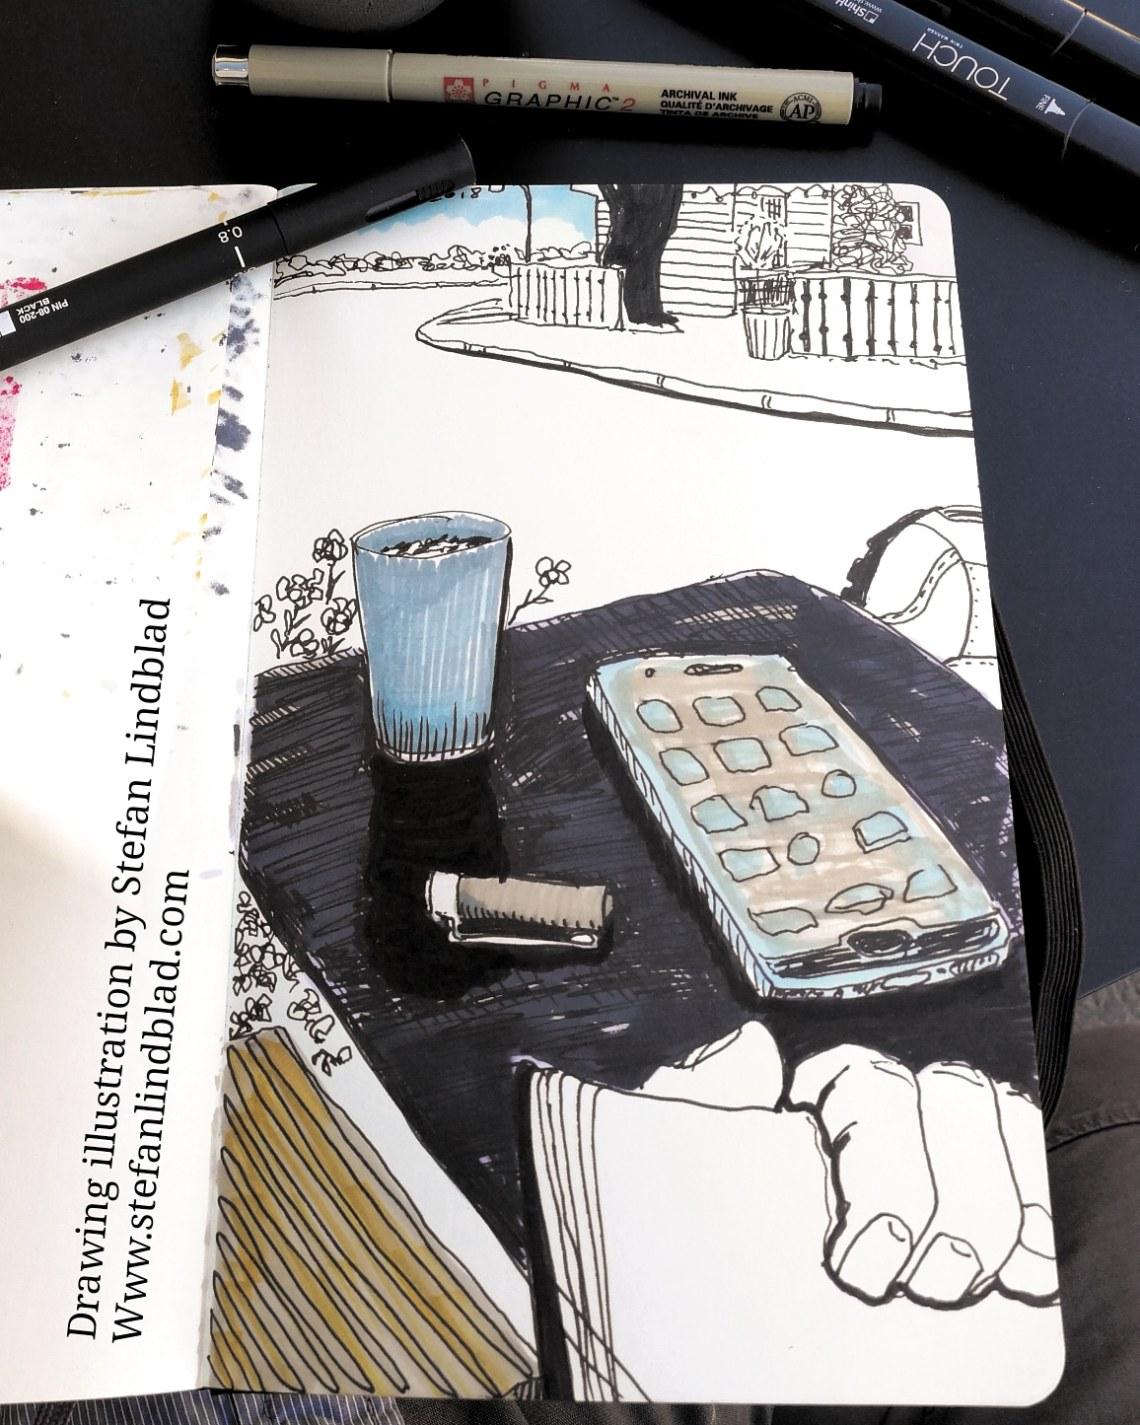 Teckning, illustration, Bageri, Delselius, Stefan Lindblad, illustratör, illustrator, Moleskine, tuschpennor, Urban Sketching, Sketch, Enskede, Gamla Enskede, Enskededalen, Enskede Gård, Dalen, Kaffe, uteservering, Mobil, mobiltelefon, keffemugg, temugg, fika